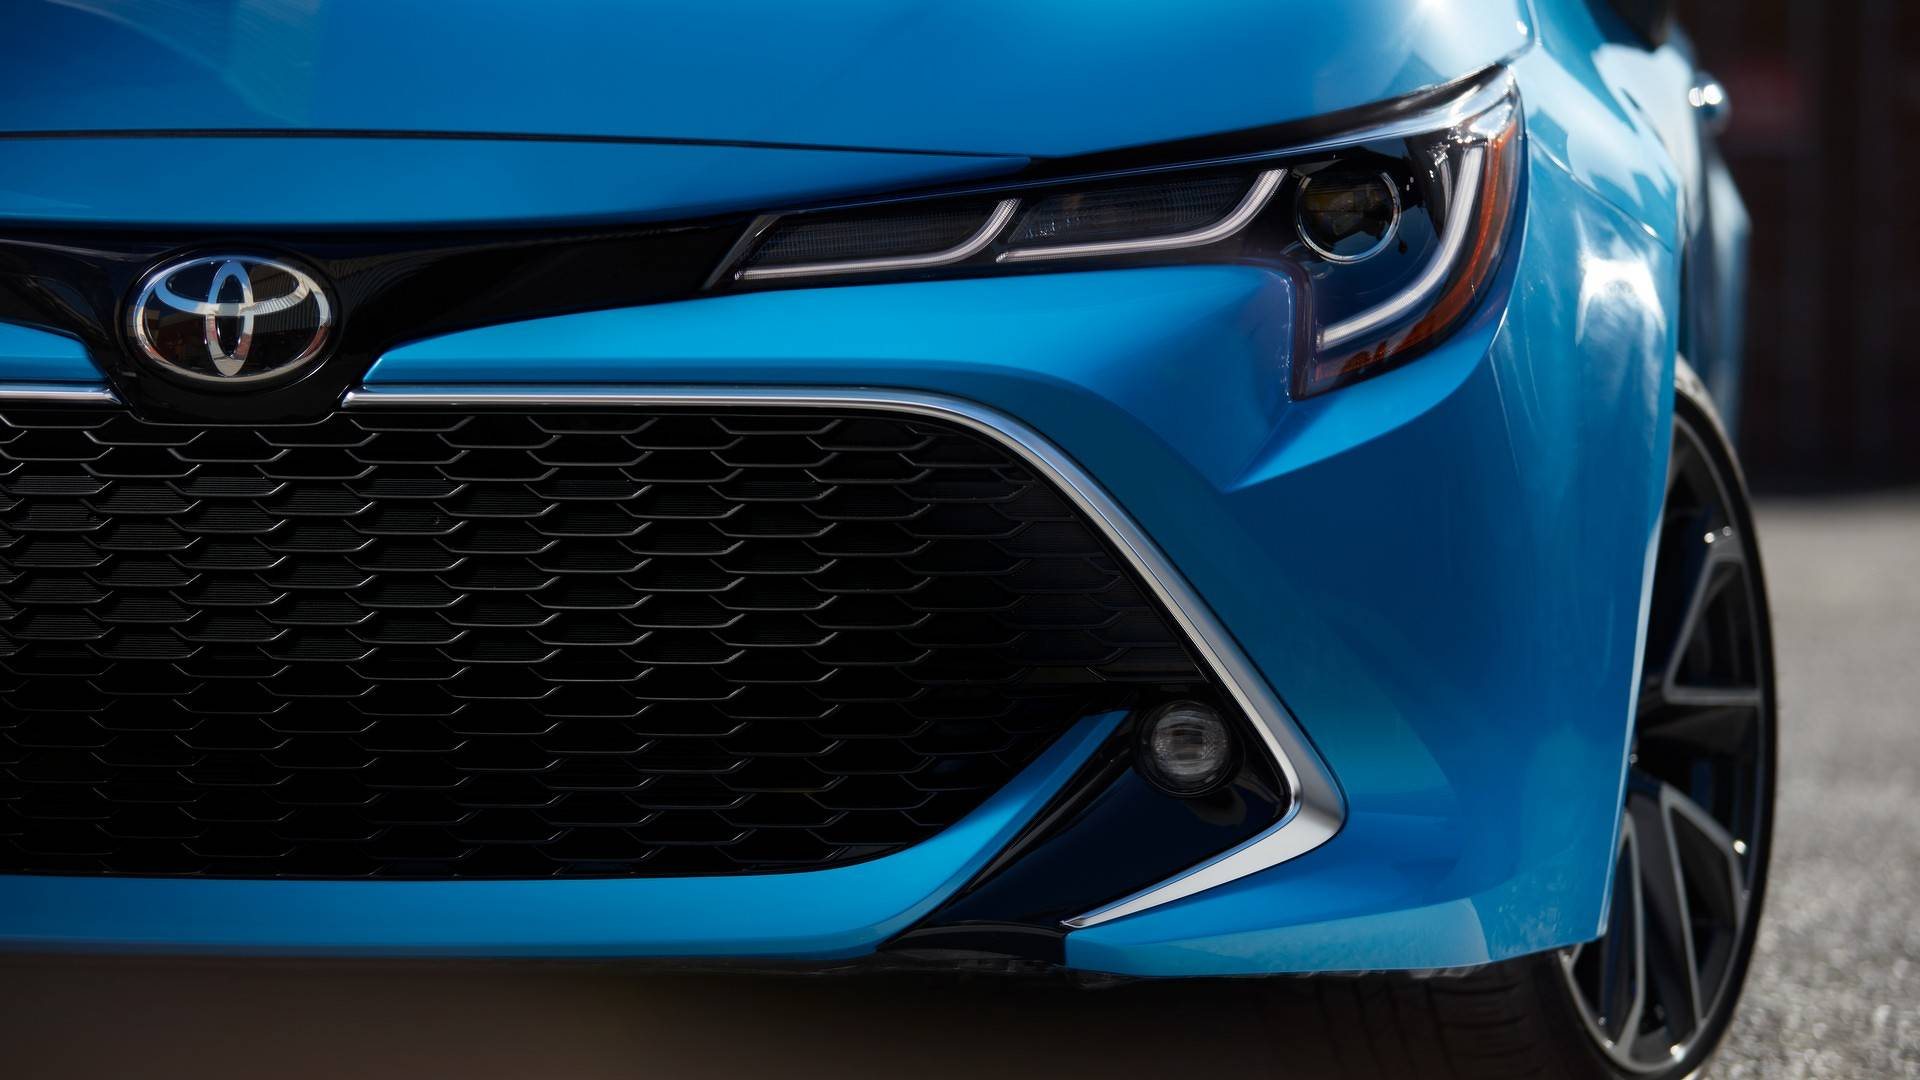 2019_Toyota_Corolla_Hatchback_0006